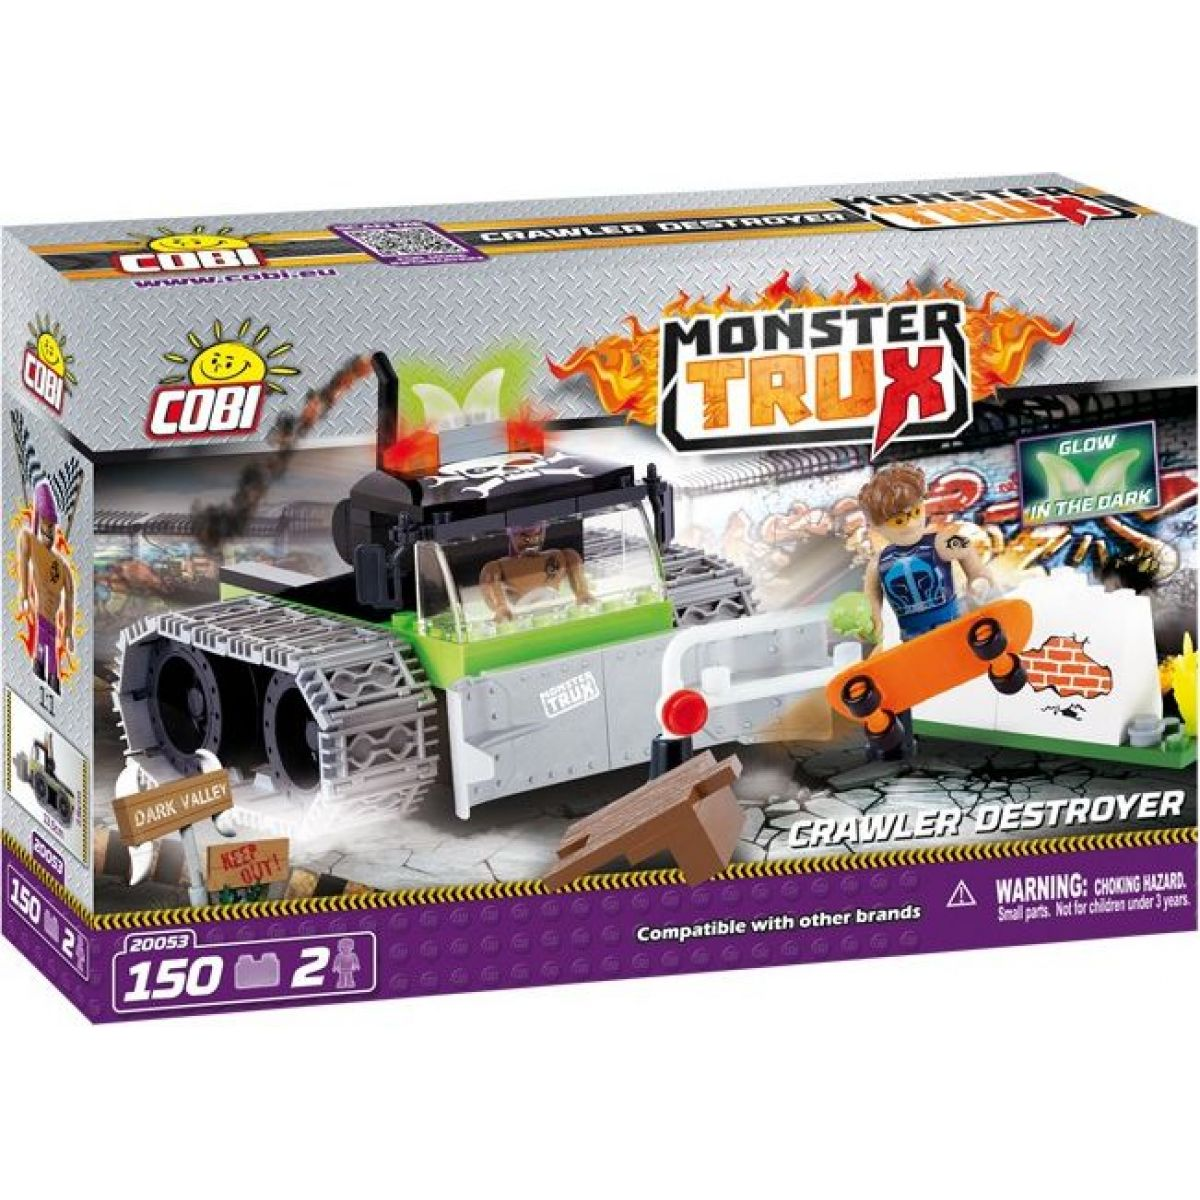 Cobi 20053 Monster Trux 150 k